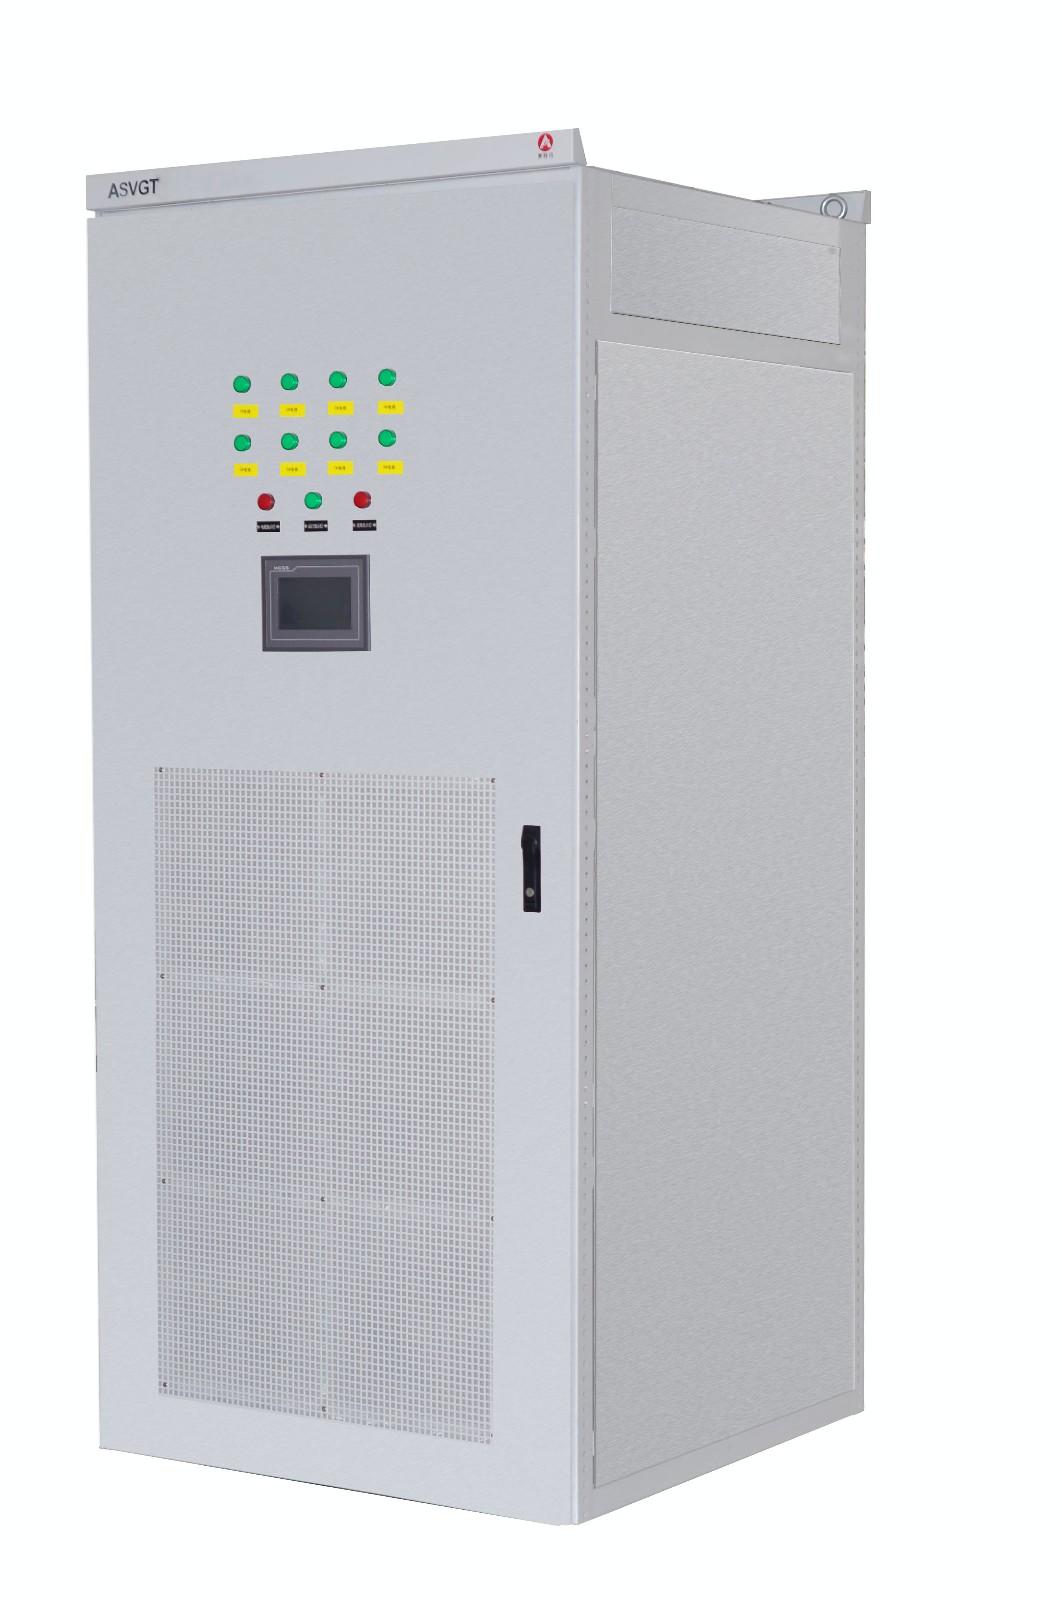 智慧型动态补偿装置(ASVGT)